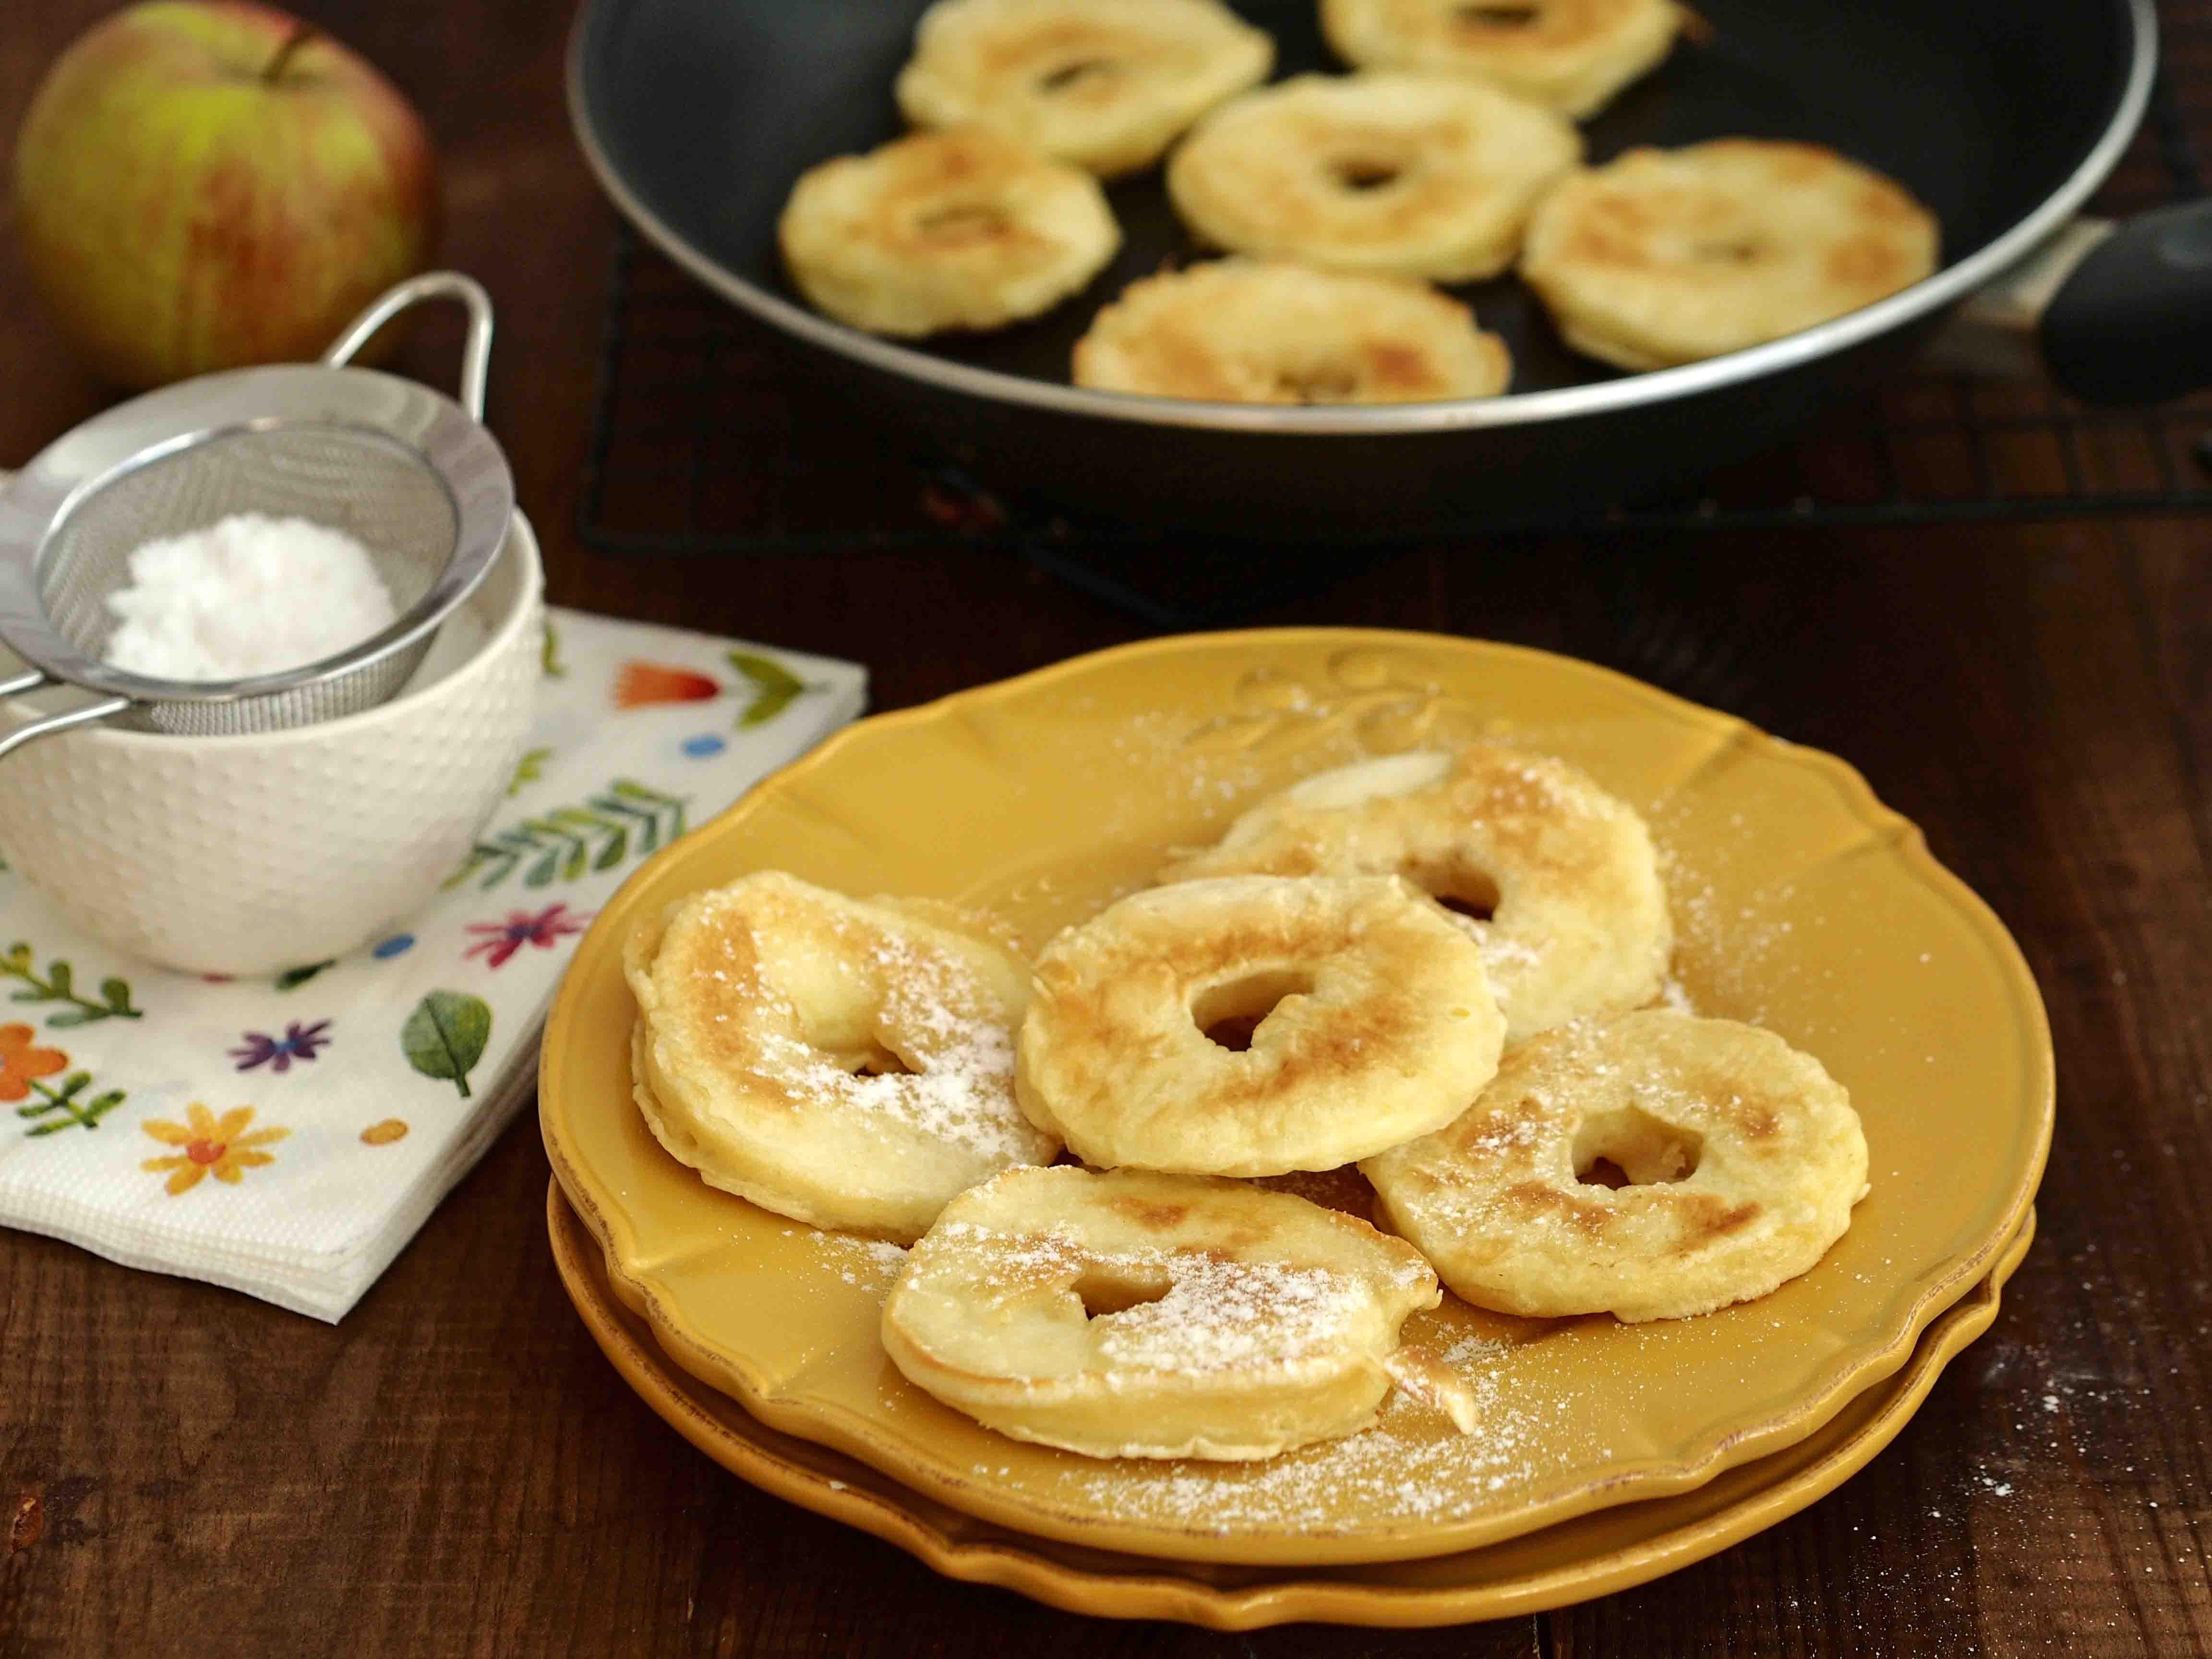 jabłka w cieście z cukrem pudrem